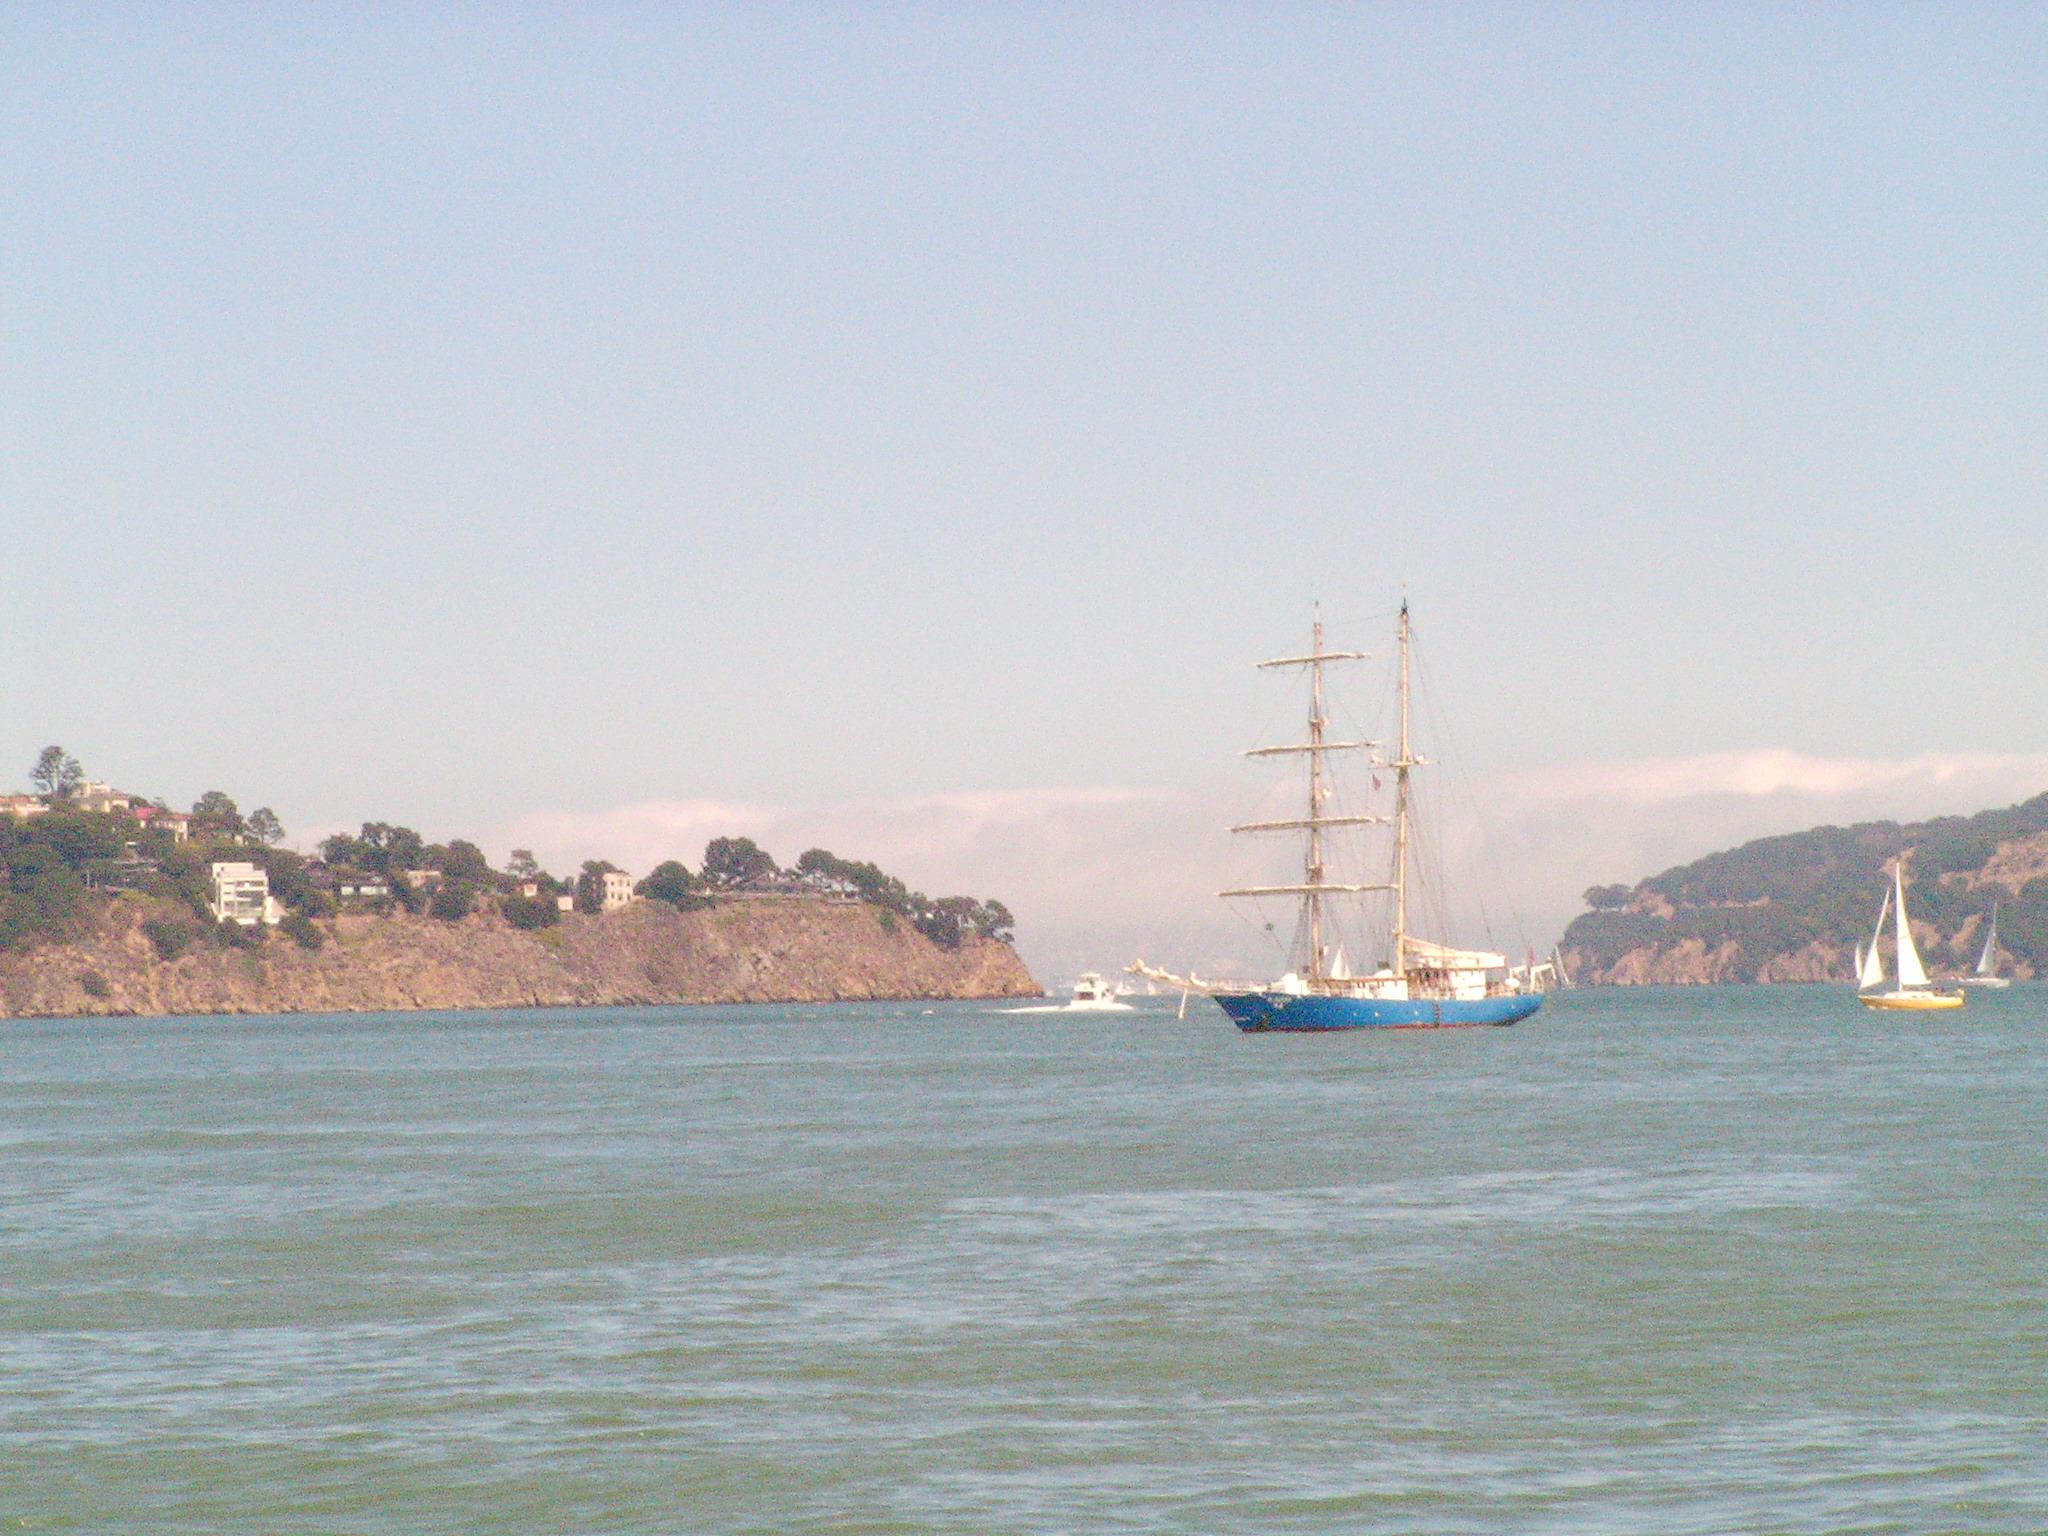 Sausalito Boat